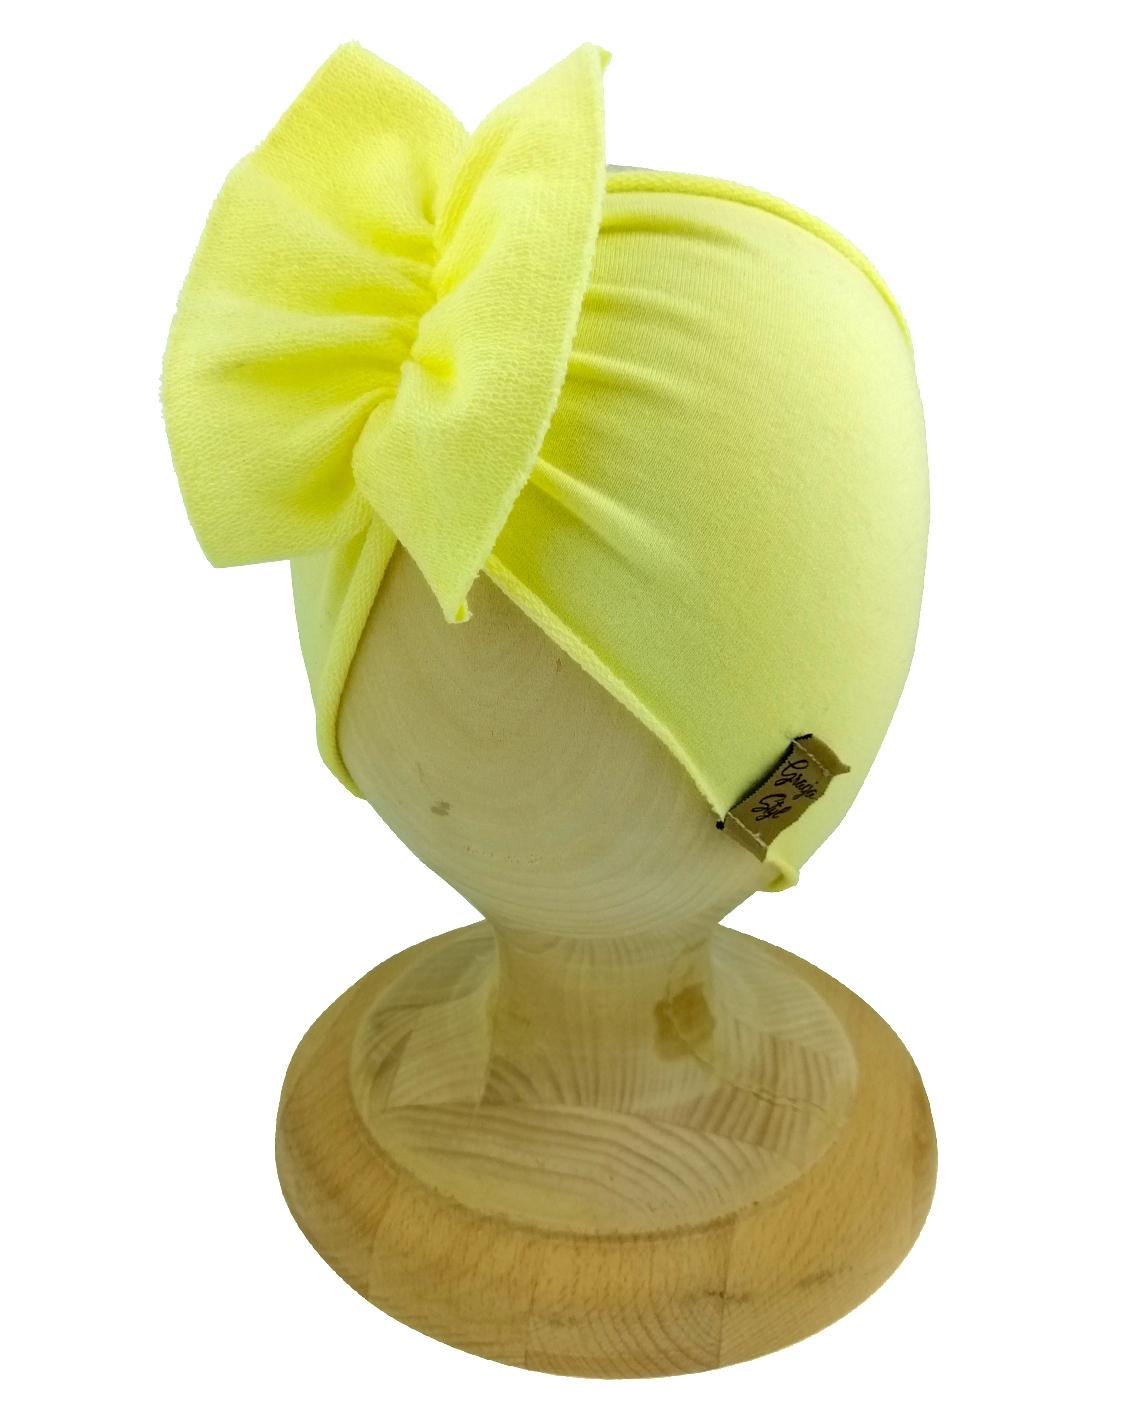 Opaska dziewczęca motylak. Uszyta z bawełny pętelkowej typu dresówka. W kolorze żółty kanarkowy. Marka Gracja Styl.